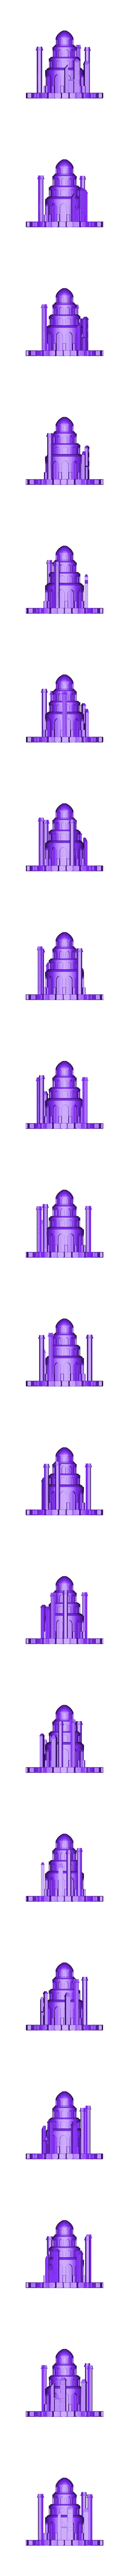 Eagles_Nest_OBJ.obj Télécharger fichier OBJ gratuit Nid d'aigle - Jeu de trônes • Design pour imprimante 3D, 3D-mon